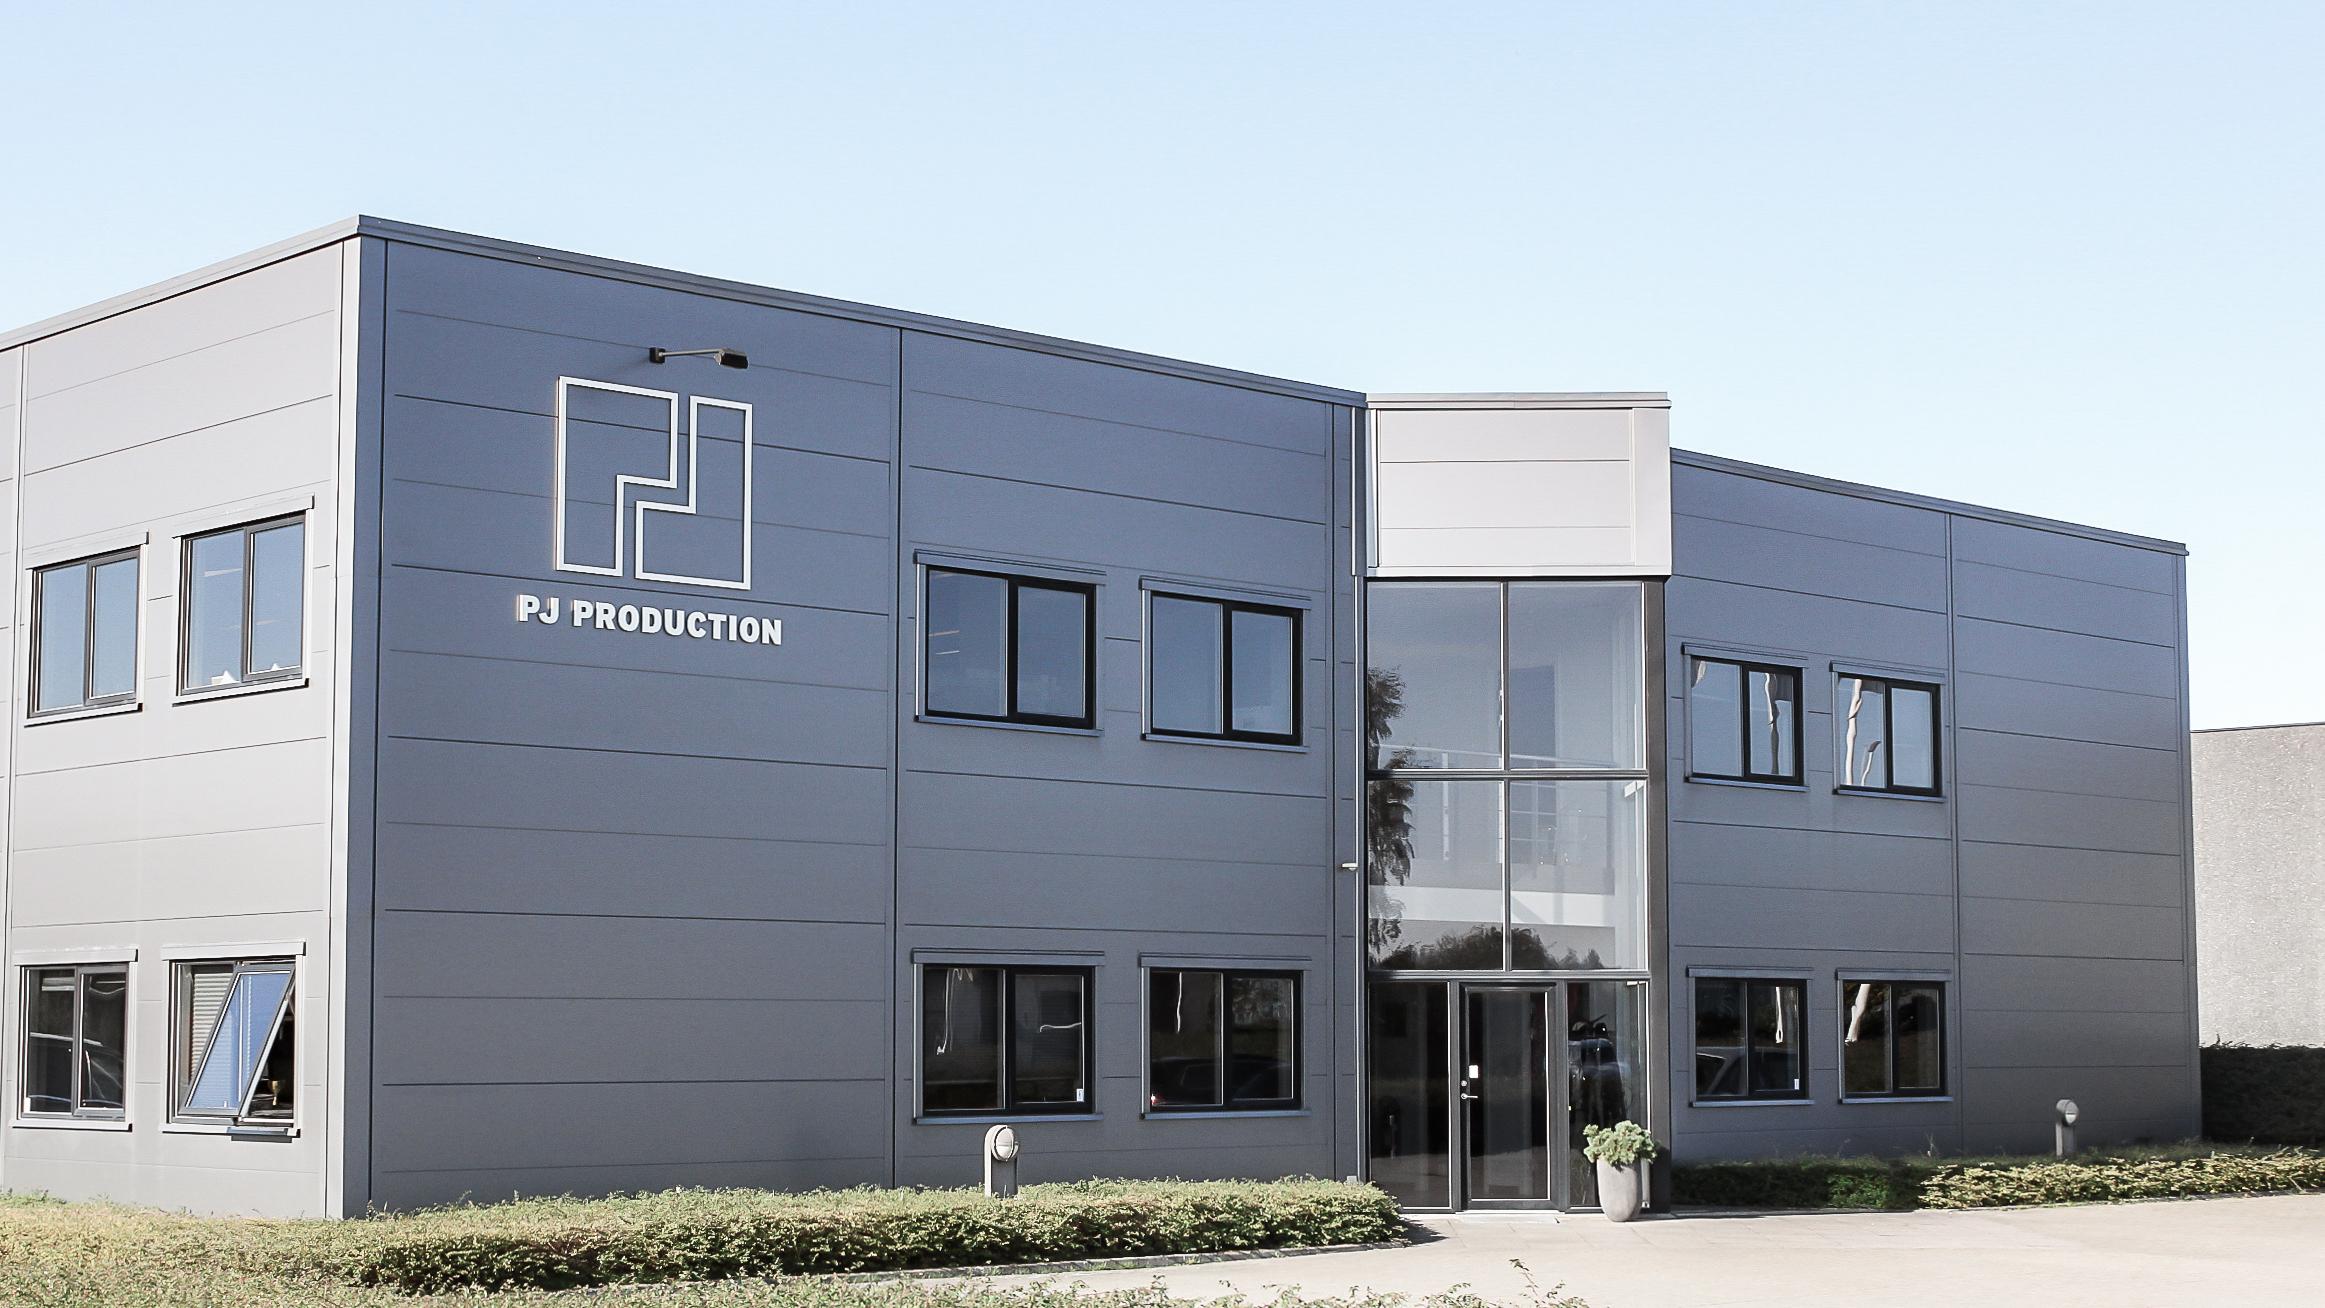 PJ Production